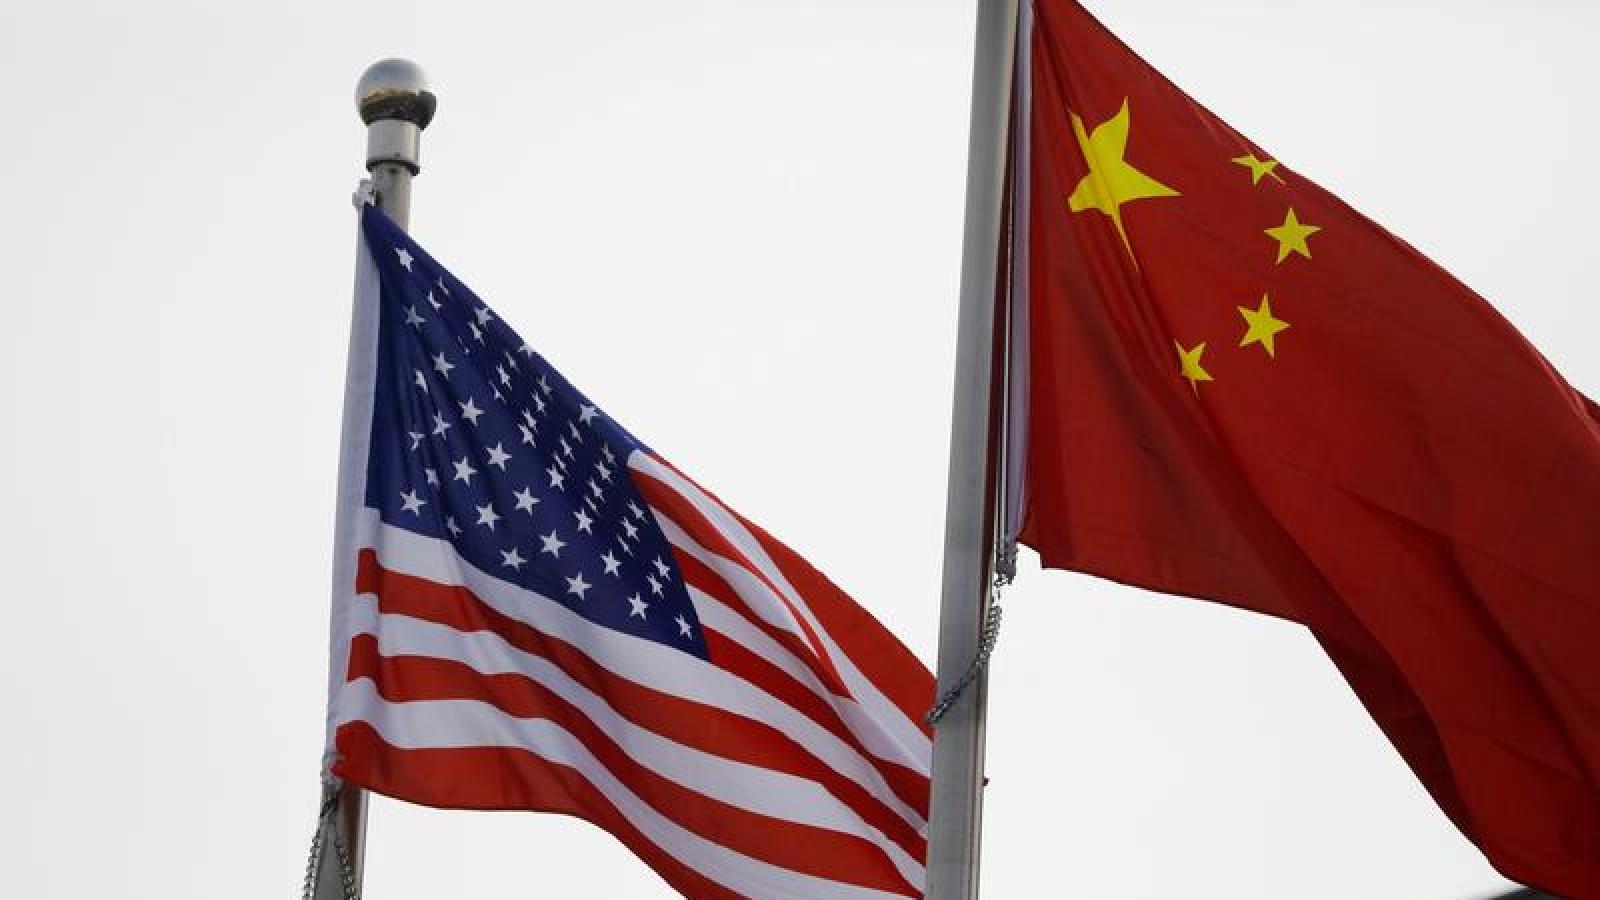 """Mỹ bổ sung 7 thực thể """"siêu máy tính"""" của Trung Quốc vào danh sách đen về kinh tế"""